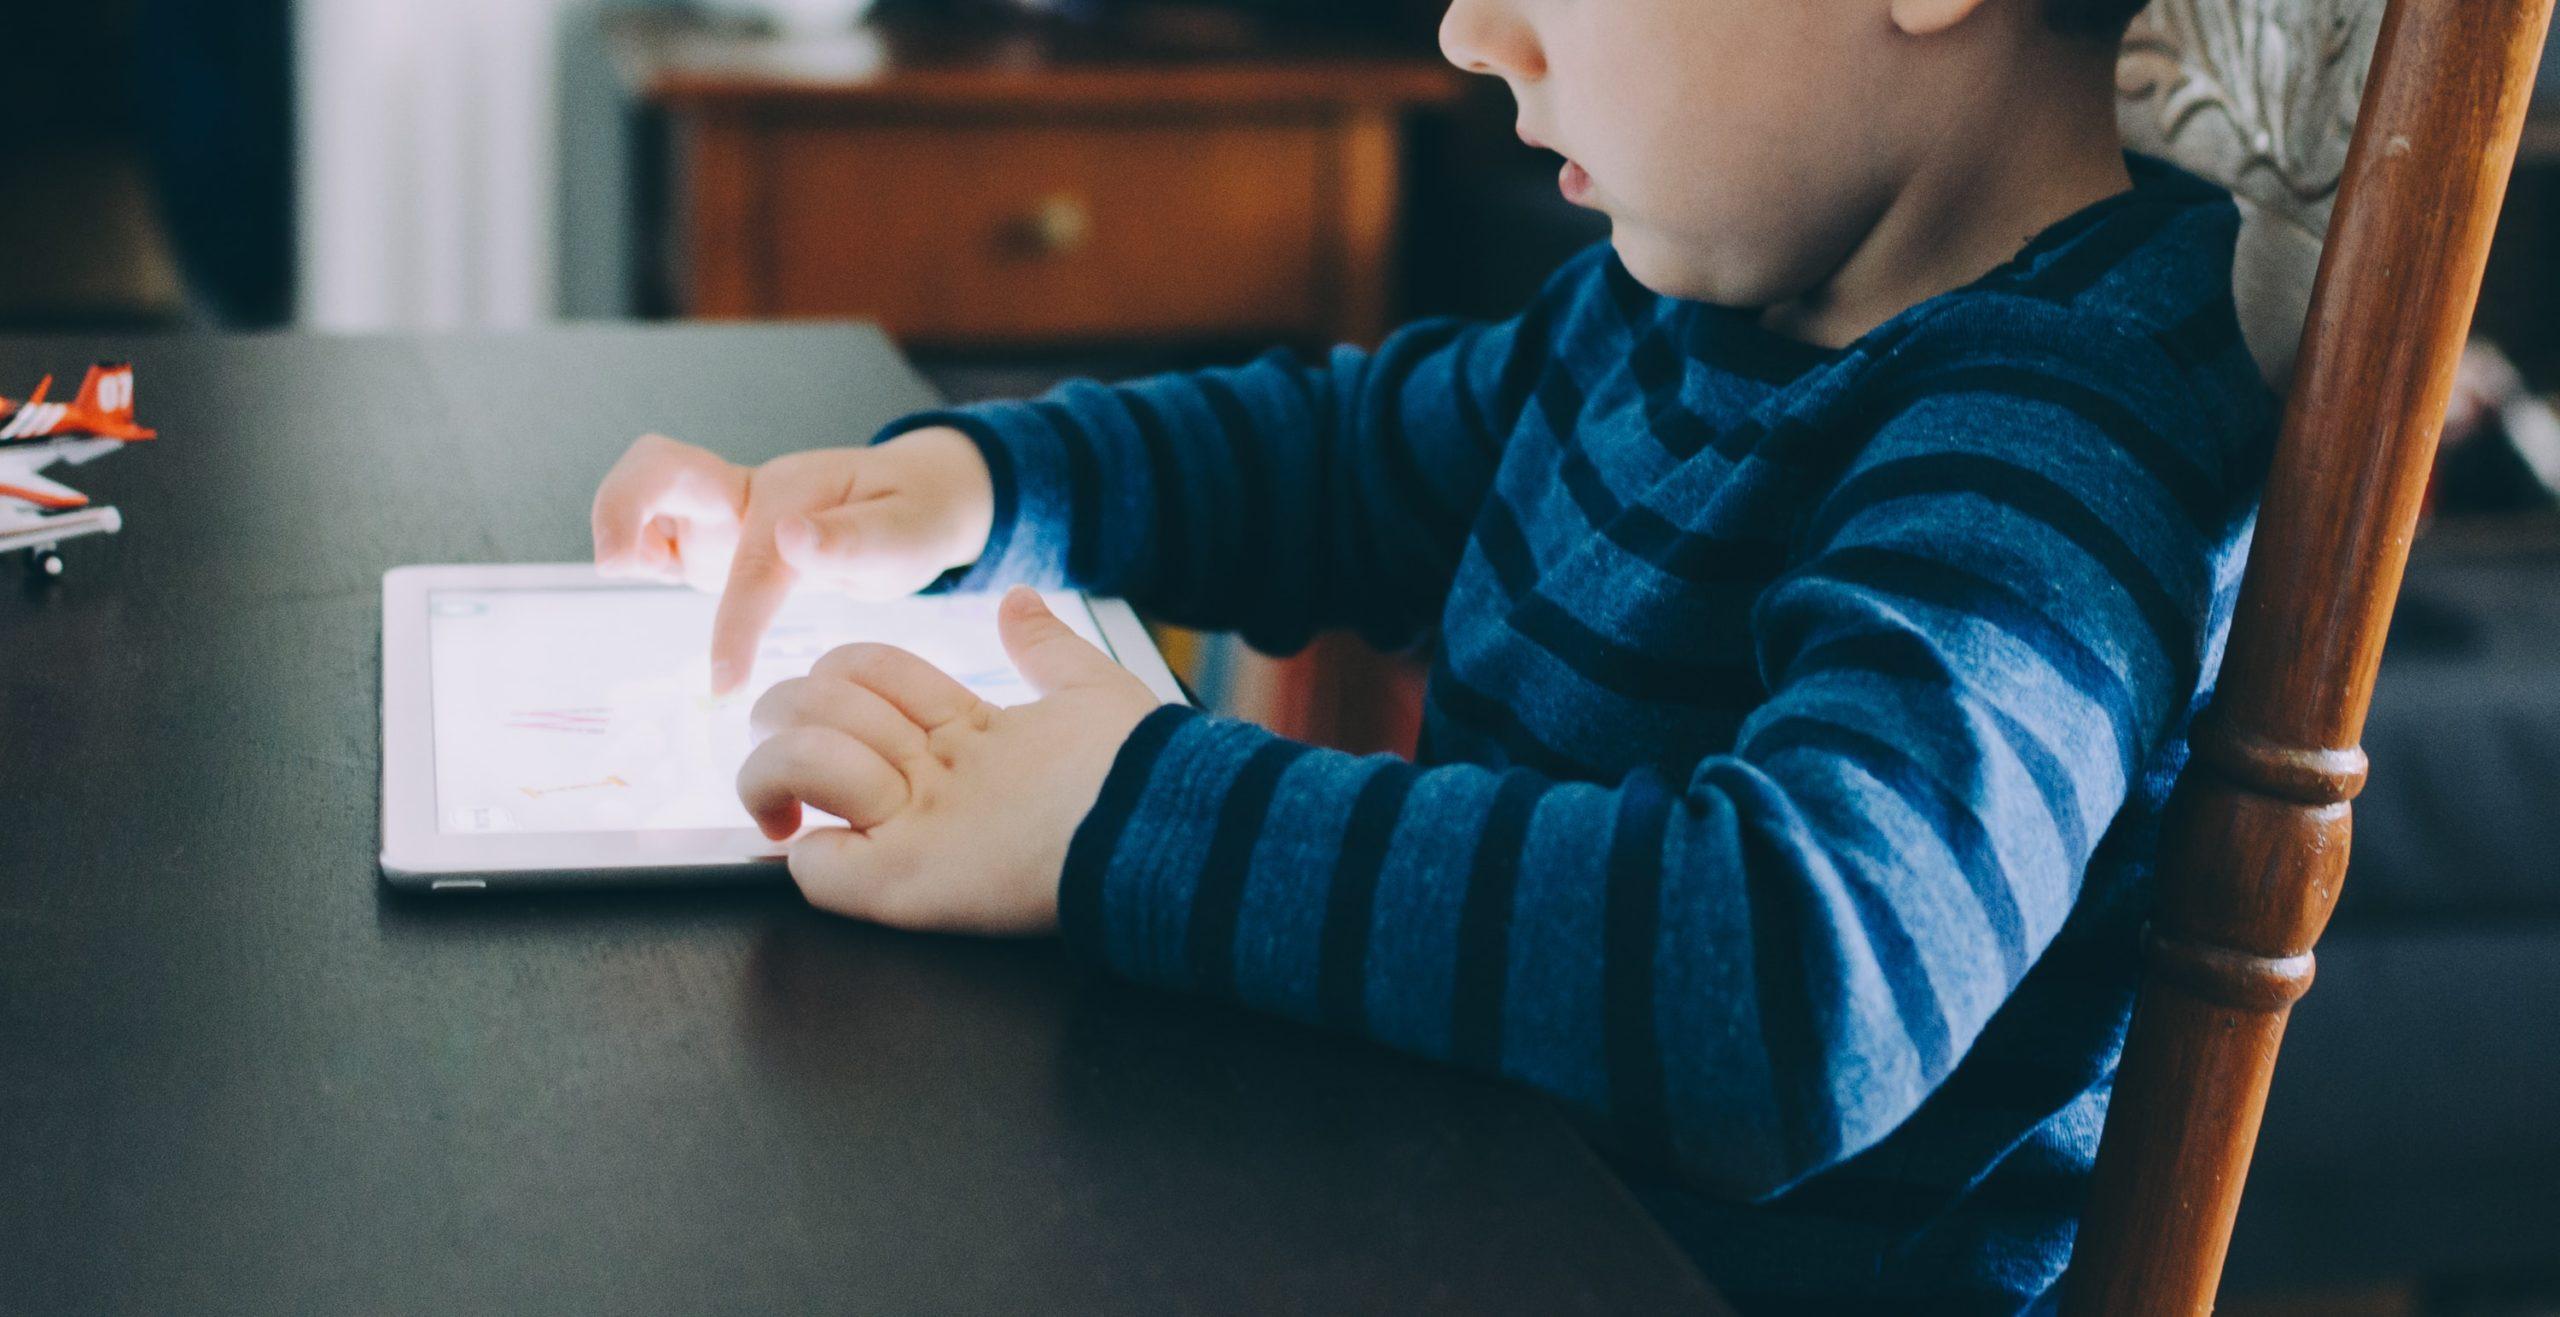 Proposta di legge che vieta lo smartphone per i bambini